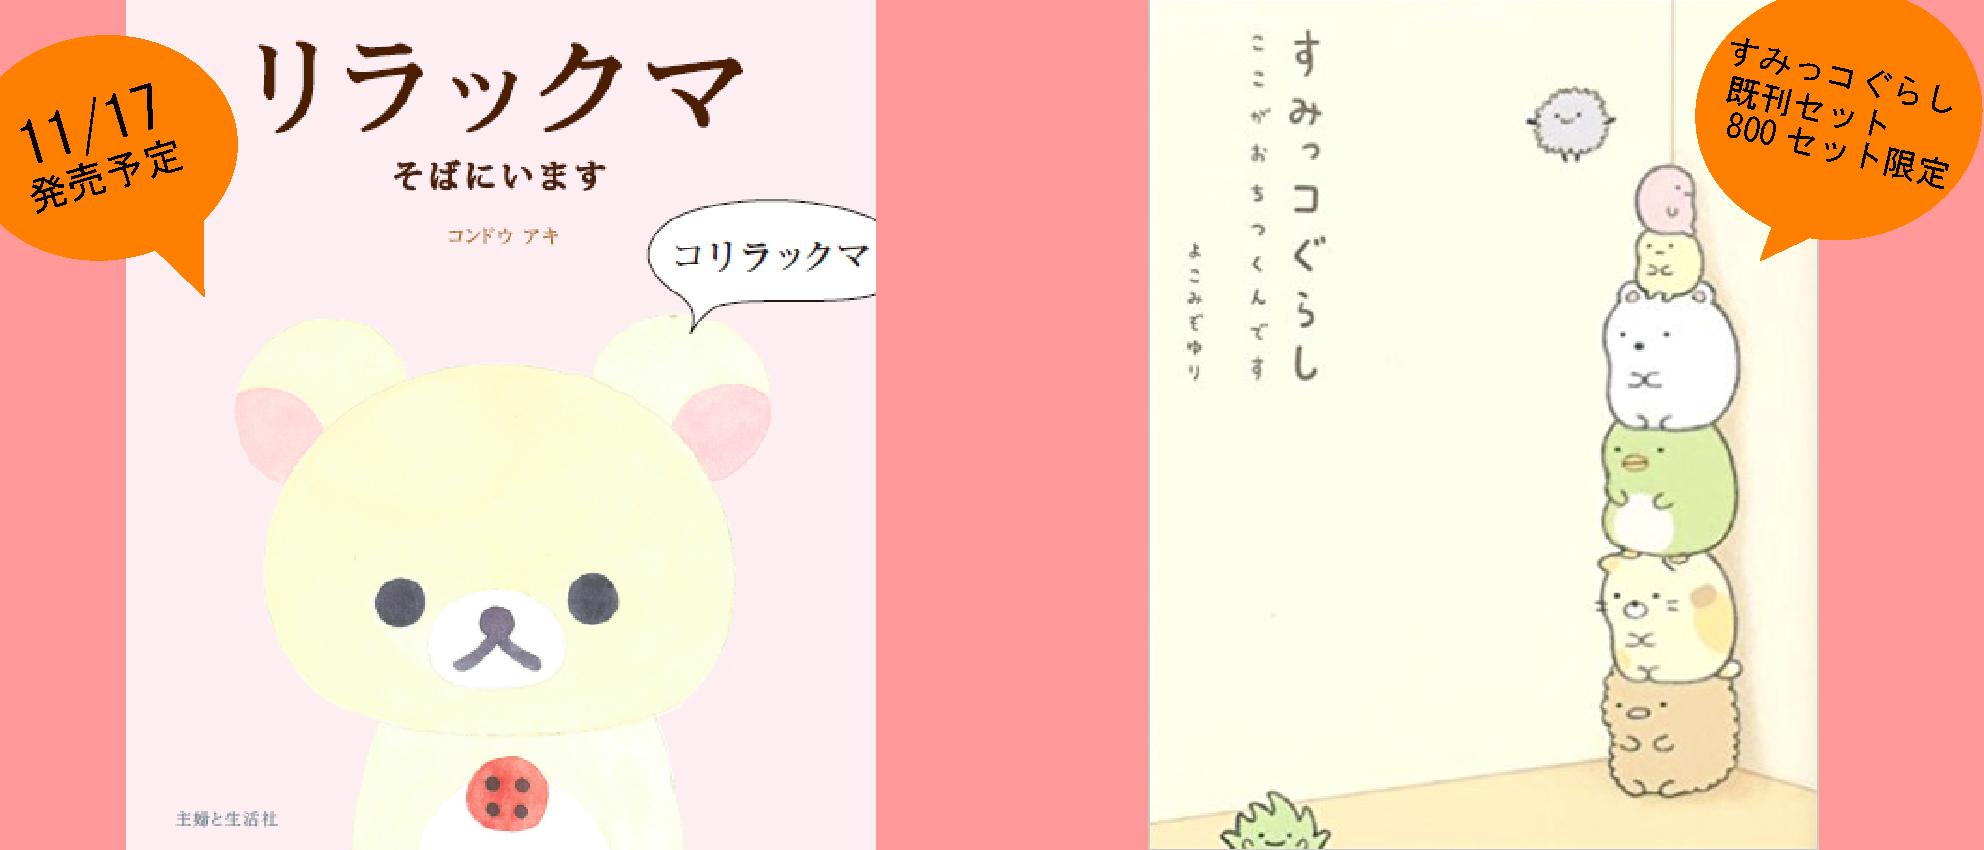 主婦と生活社刊『リラックマ そばにいます』が11/17に発売になります!